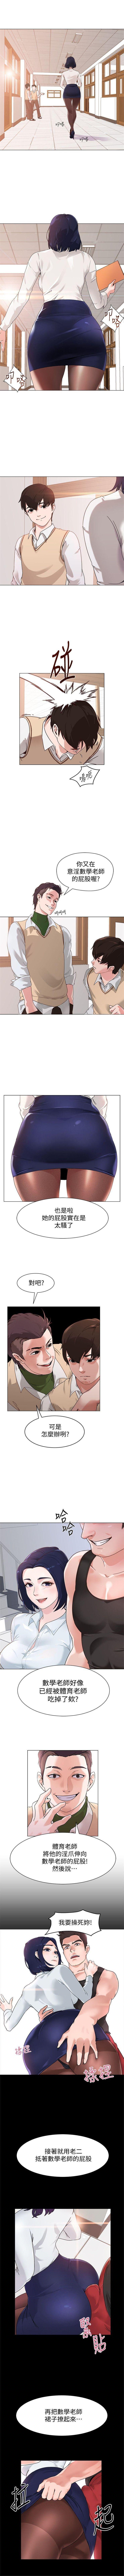 (周3)老师 1-56 中文翻译(更新中) 2